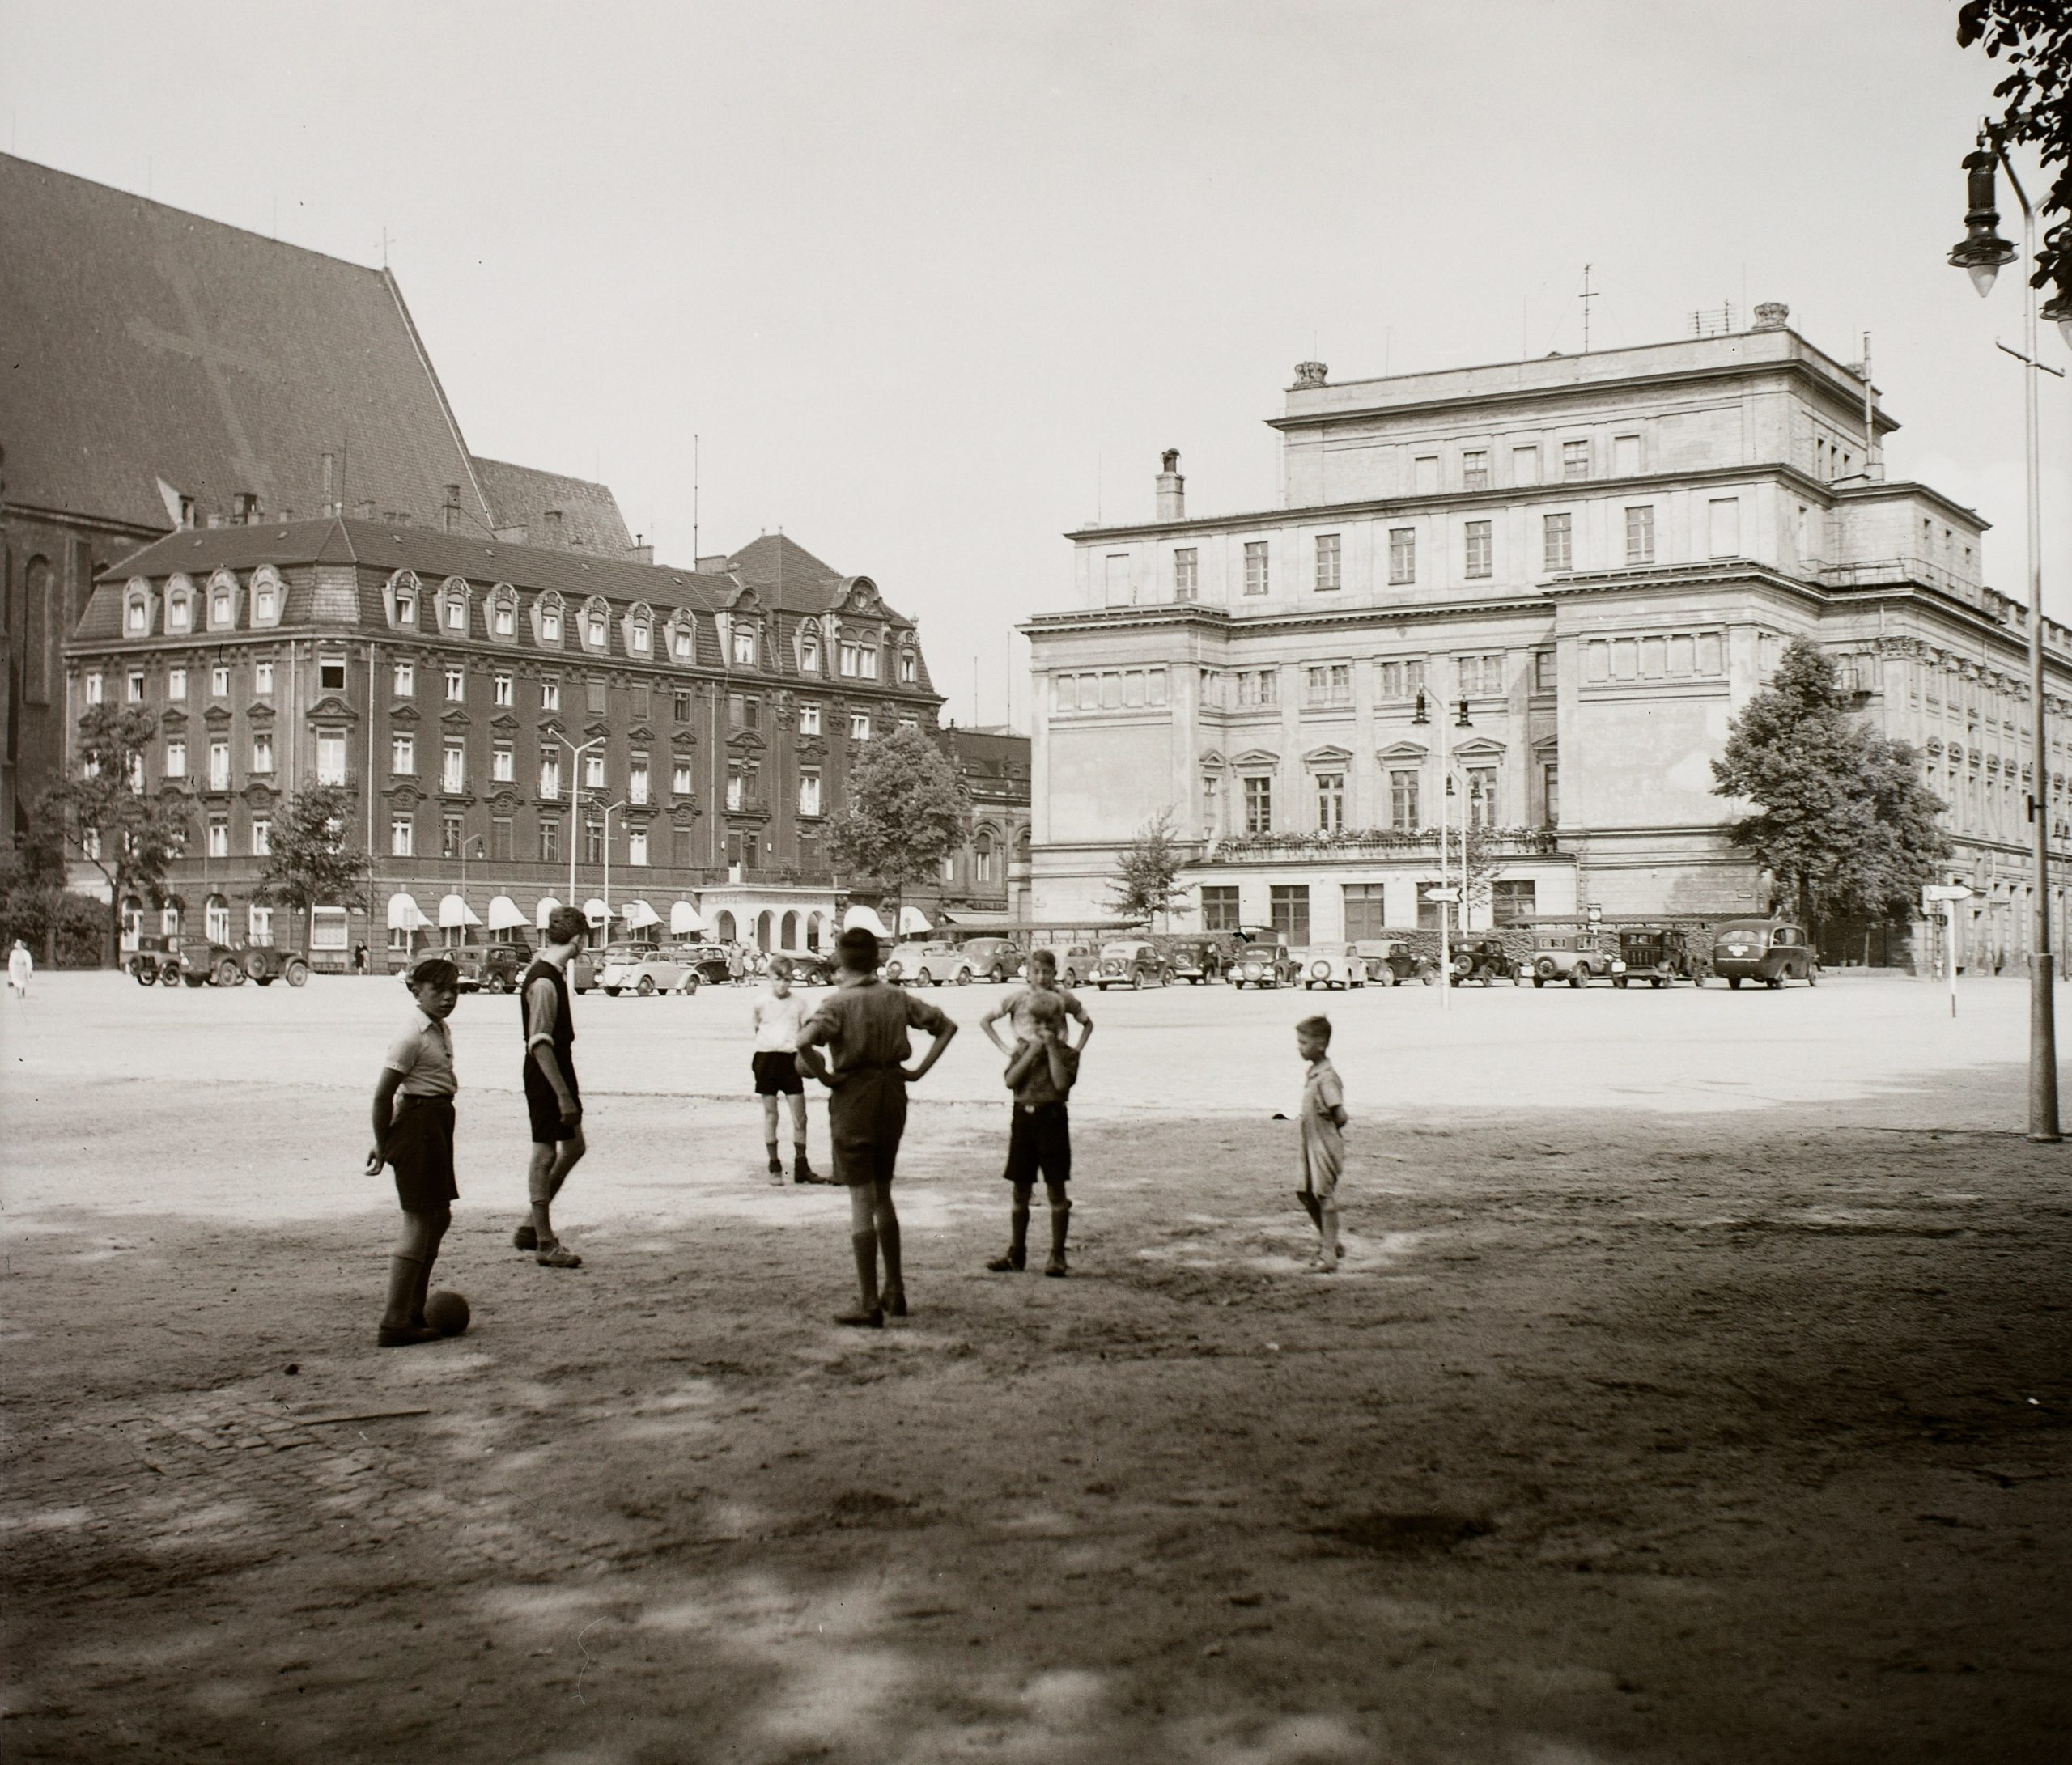 1936. Lengyelország,Wroclaw az Operaház, balra a Hotel Monopol. KULCSSZÓ:életkép/Art Nouveau/Carl Ferdinand Langhans-terv/Carl Johann Lüdecke-terv/Karl Grosser-terv/Karl Schmidt-terv/gyerekek/labdarúgás/neobarokk stílus/opera/szálloda/templom/utcakép LISTÁHOZ LETÖLTÉS FULL SCREEN ADOMÁNYOZÓ:LŐRINCZE JUDIT KÉPSZÁM: 44263 TALÁLAT: 1 / 4